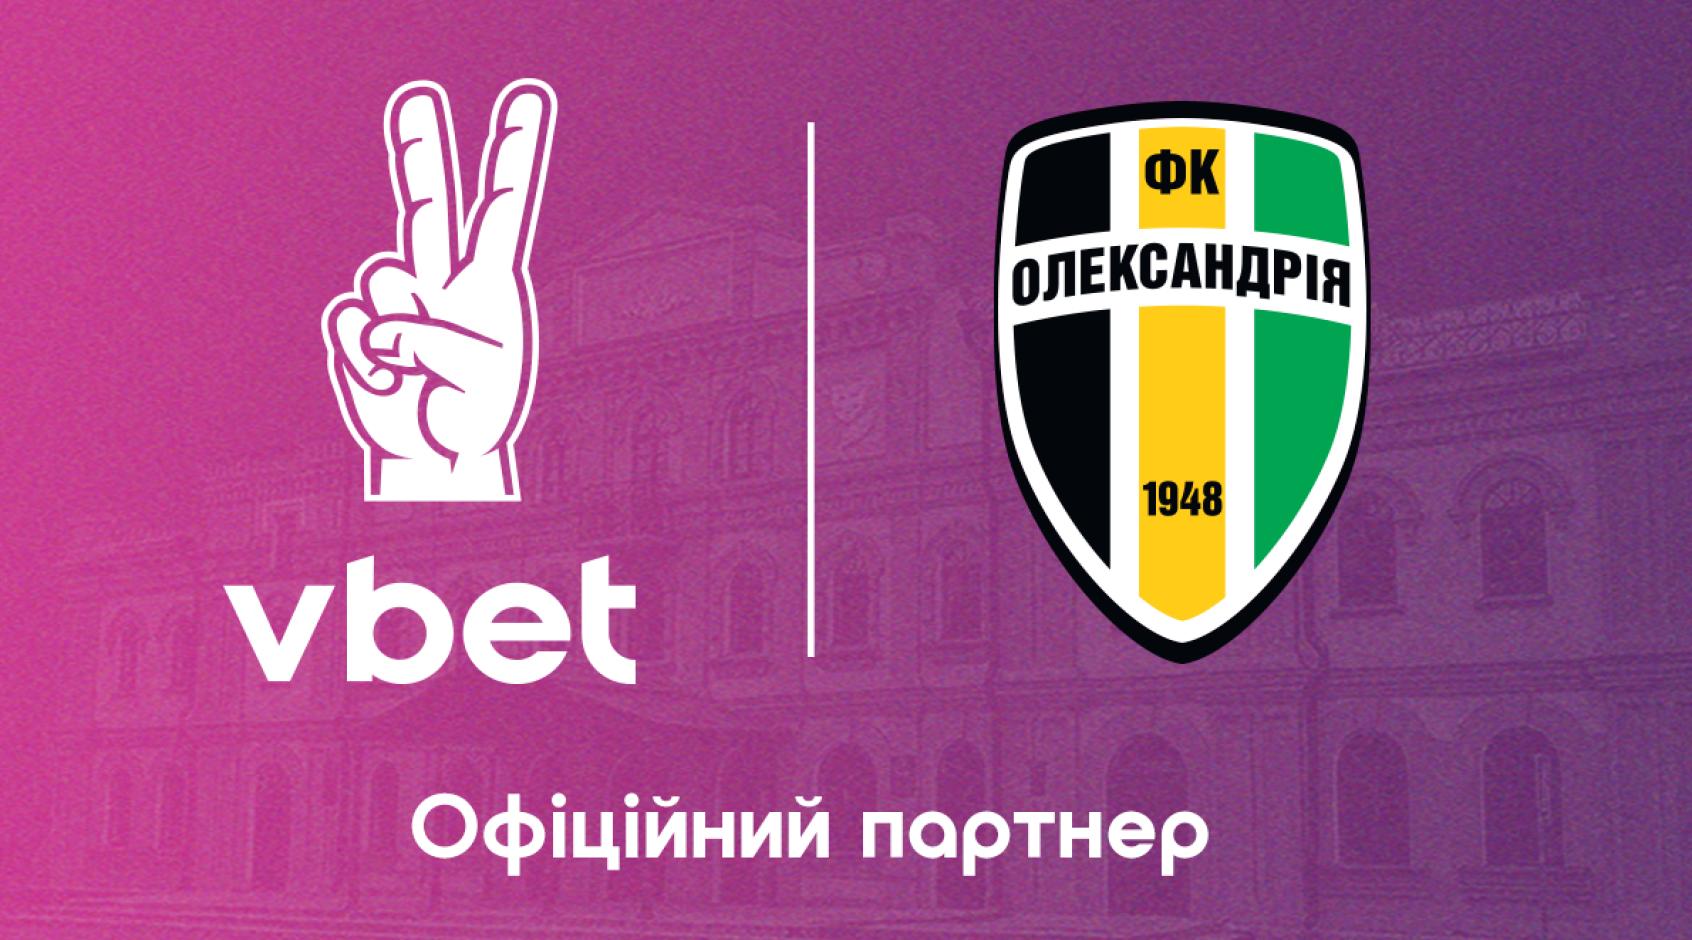 """ФК """"Олександрія"""" та VBET стали партнерами"""